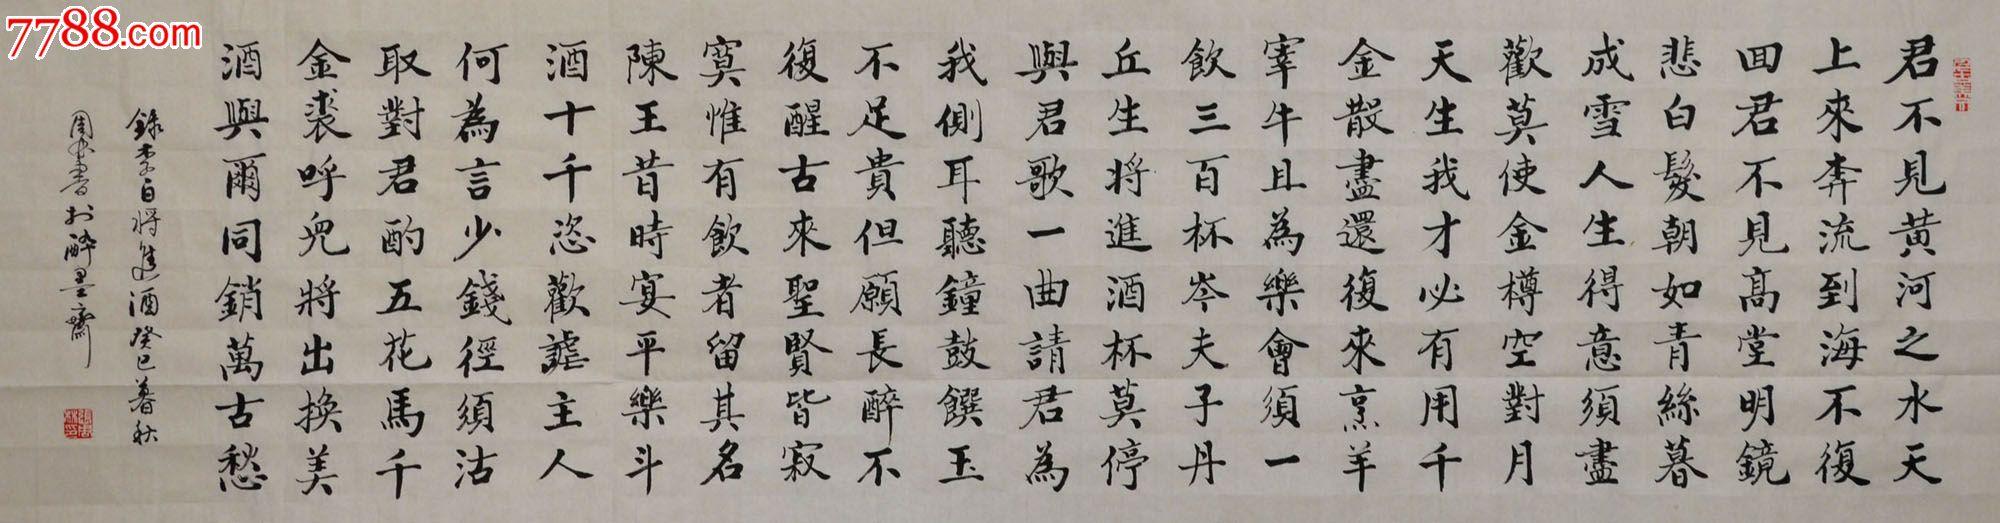 金奖老书法家张周林书法作品定制-楷书.李白.将进酒图片